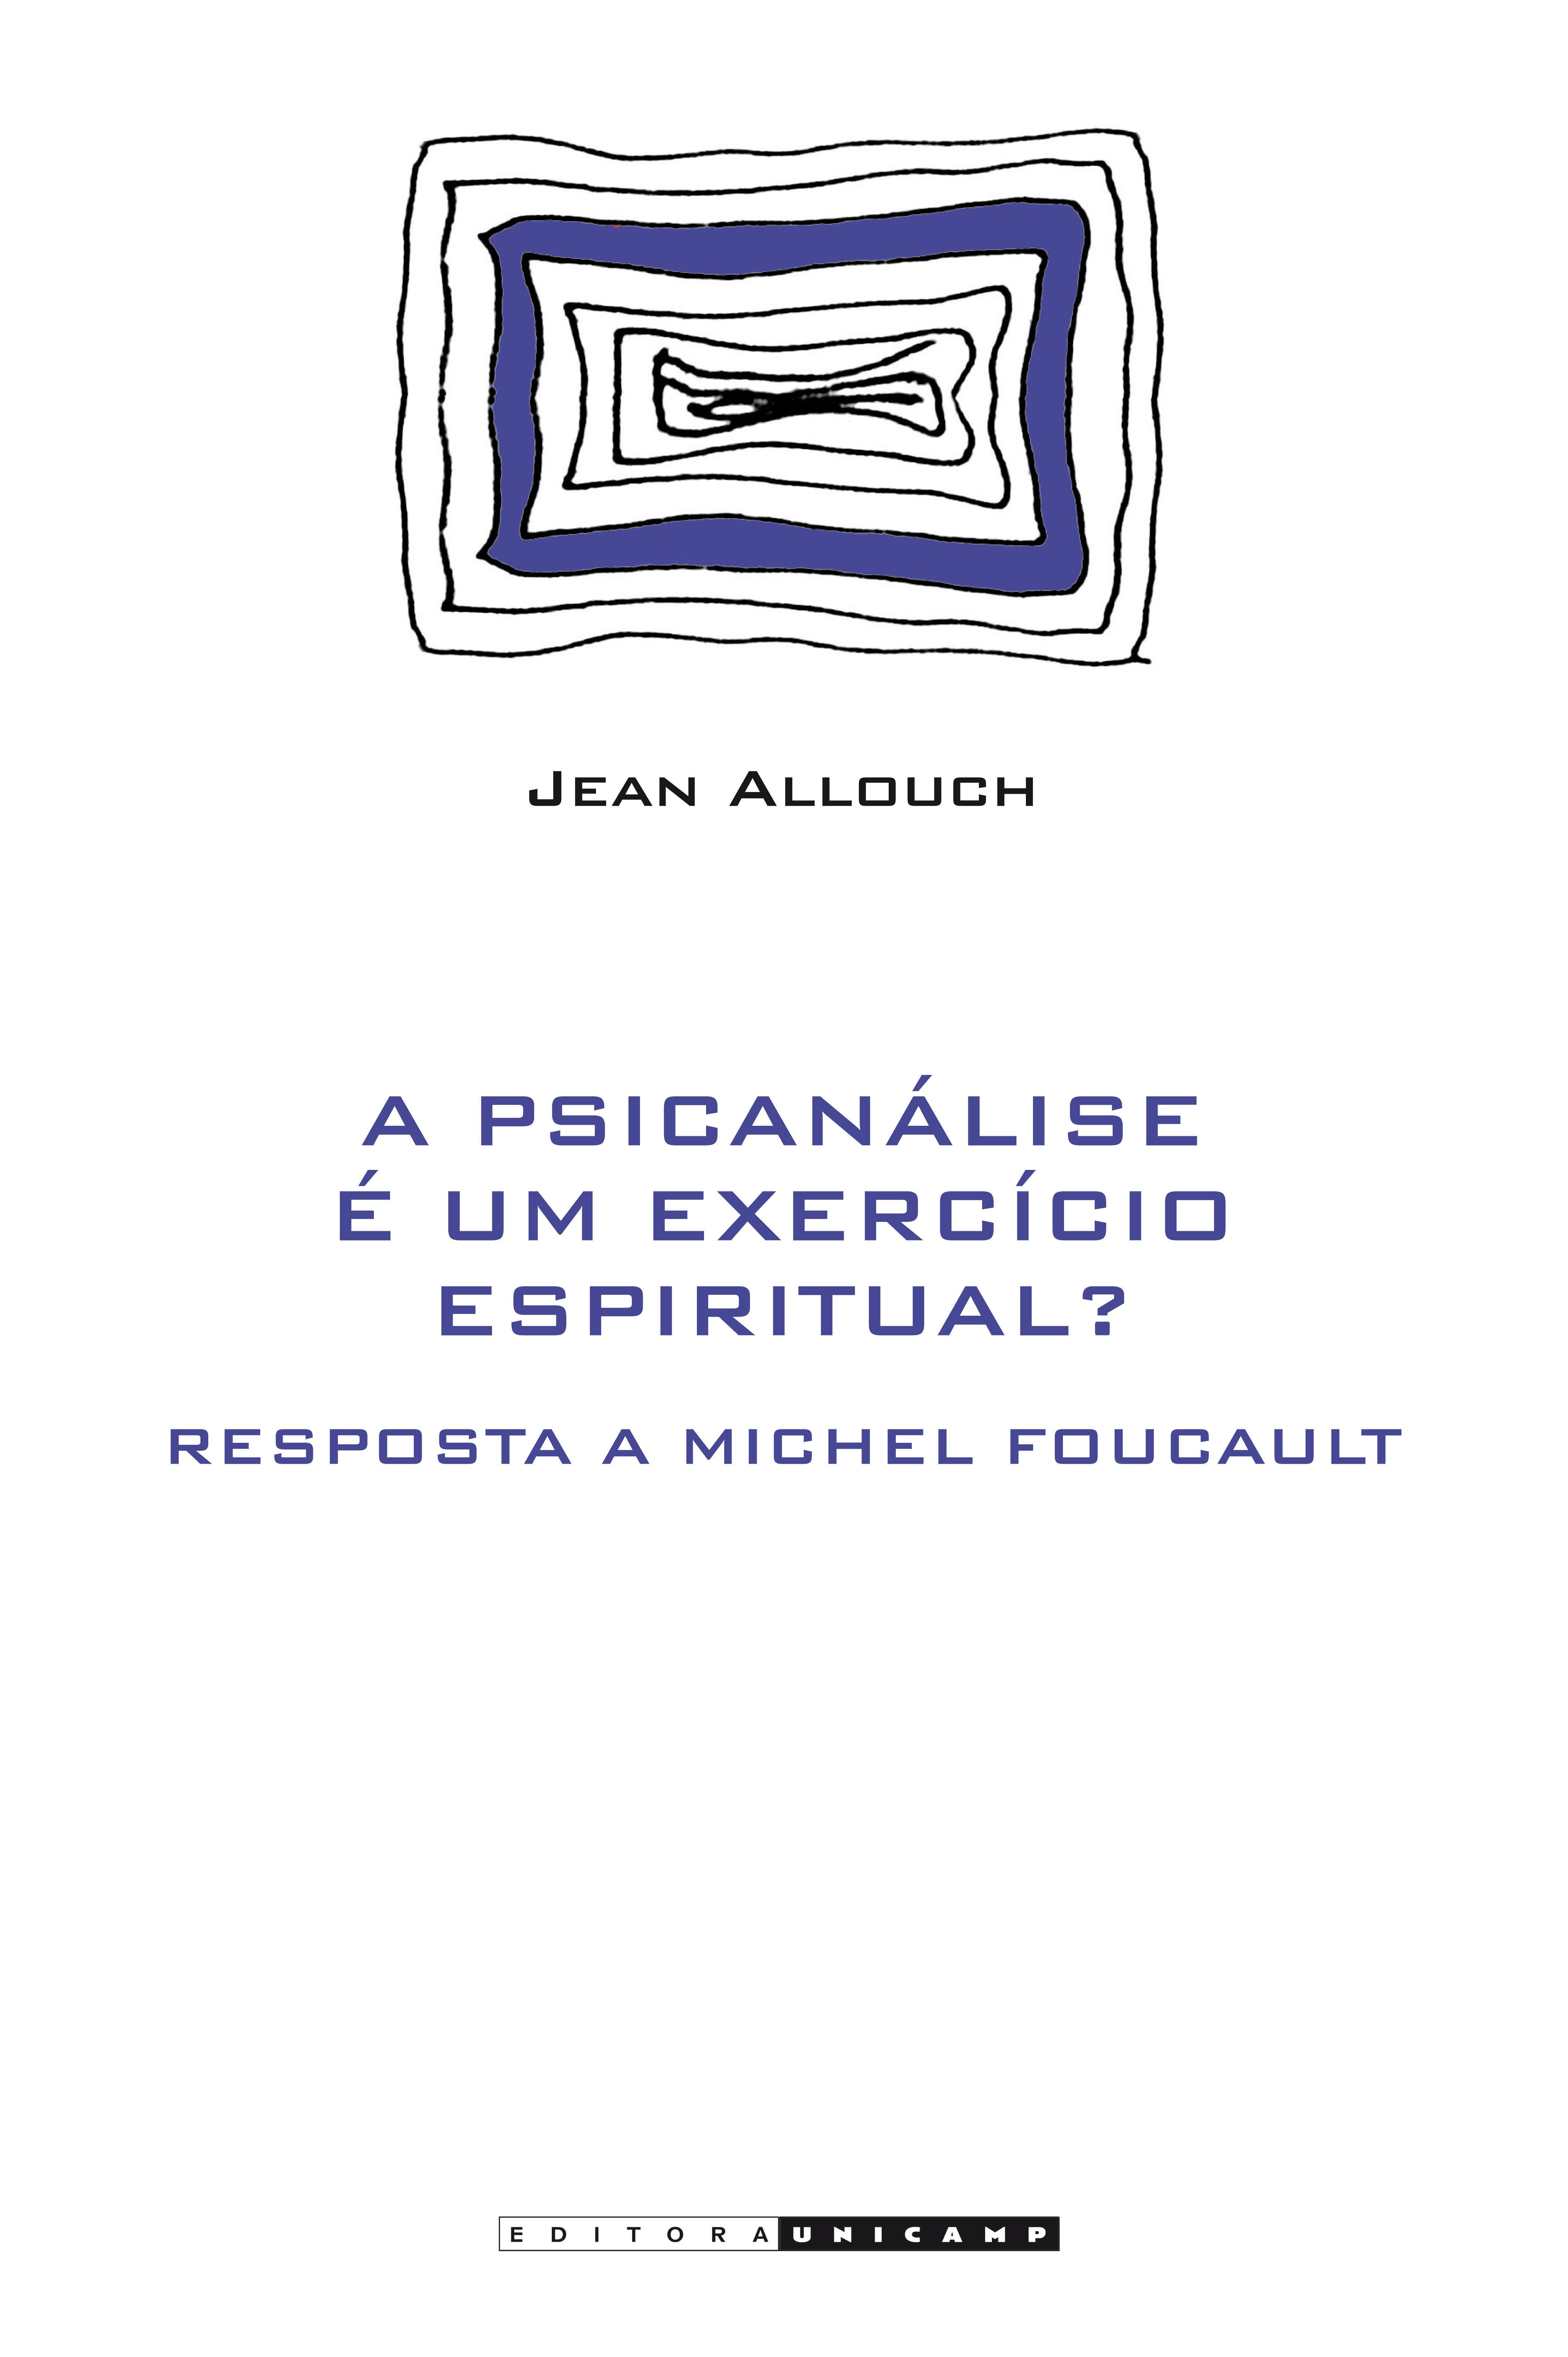 A psicanálise é um exercício espiritual? - Resposta a Michel Foucault, livro de Jean Allouch